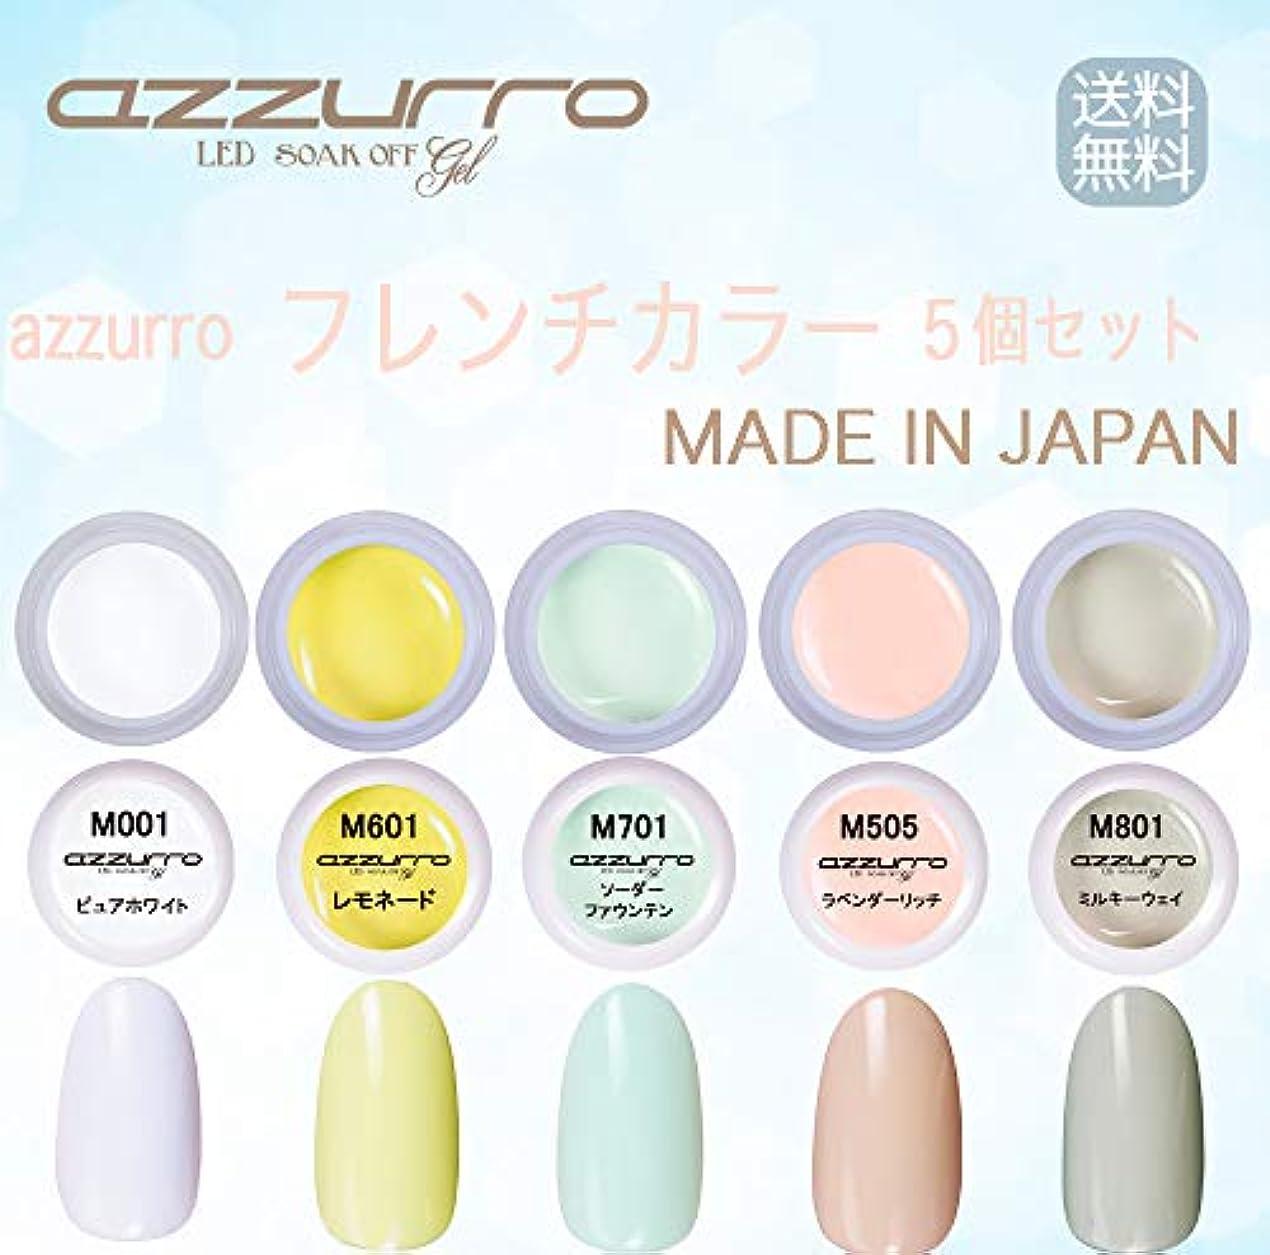 クロス岩避難【送料無料】日本製 azzurro gel フレンチカラージェル5個セット 春にピッタリでかわいいフレンチネイルにピッタリなカラー